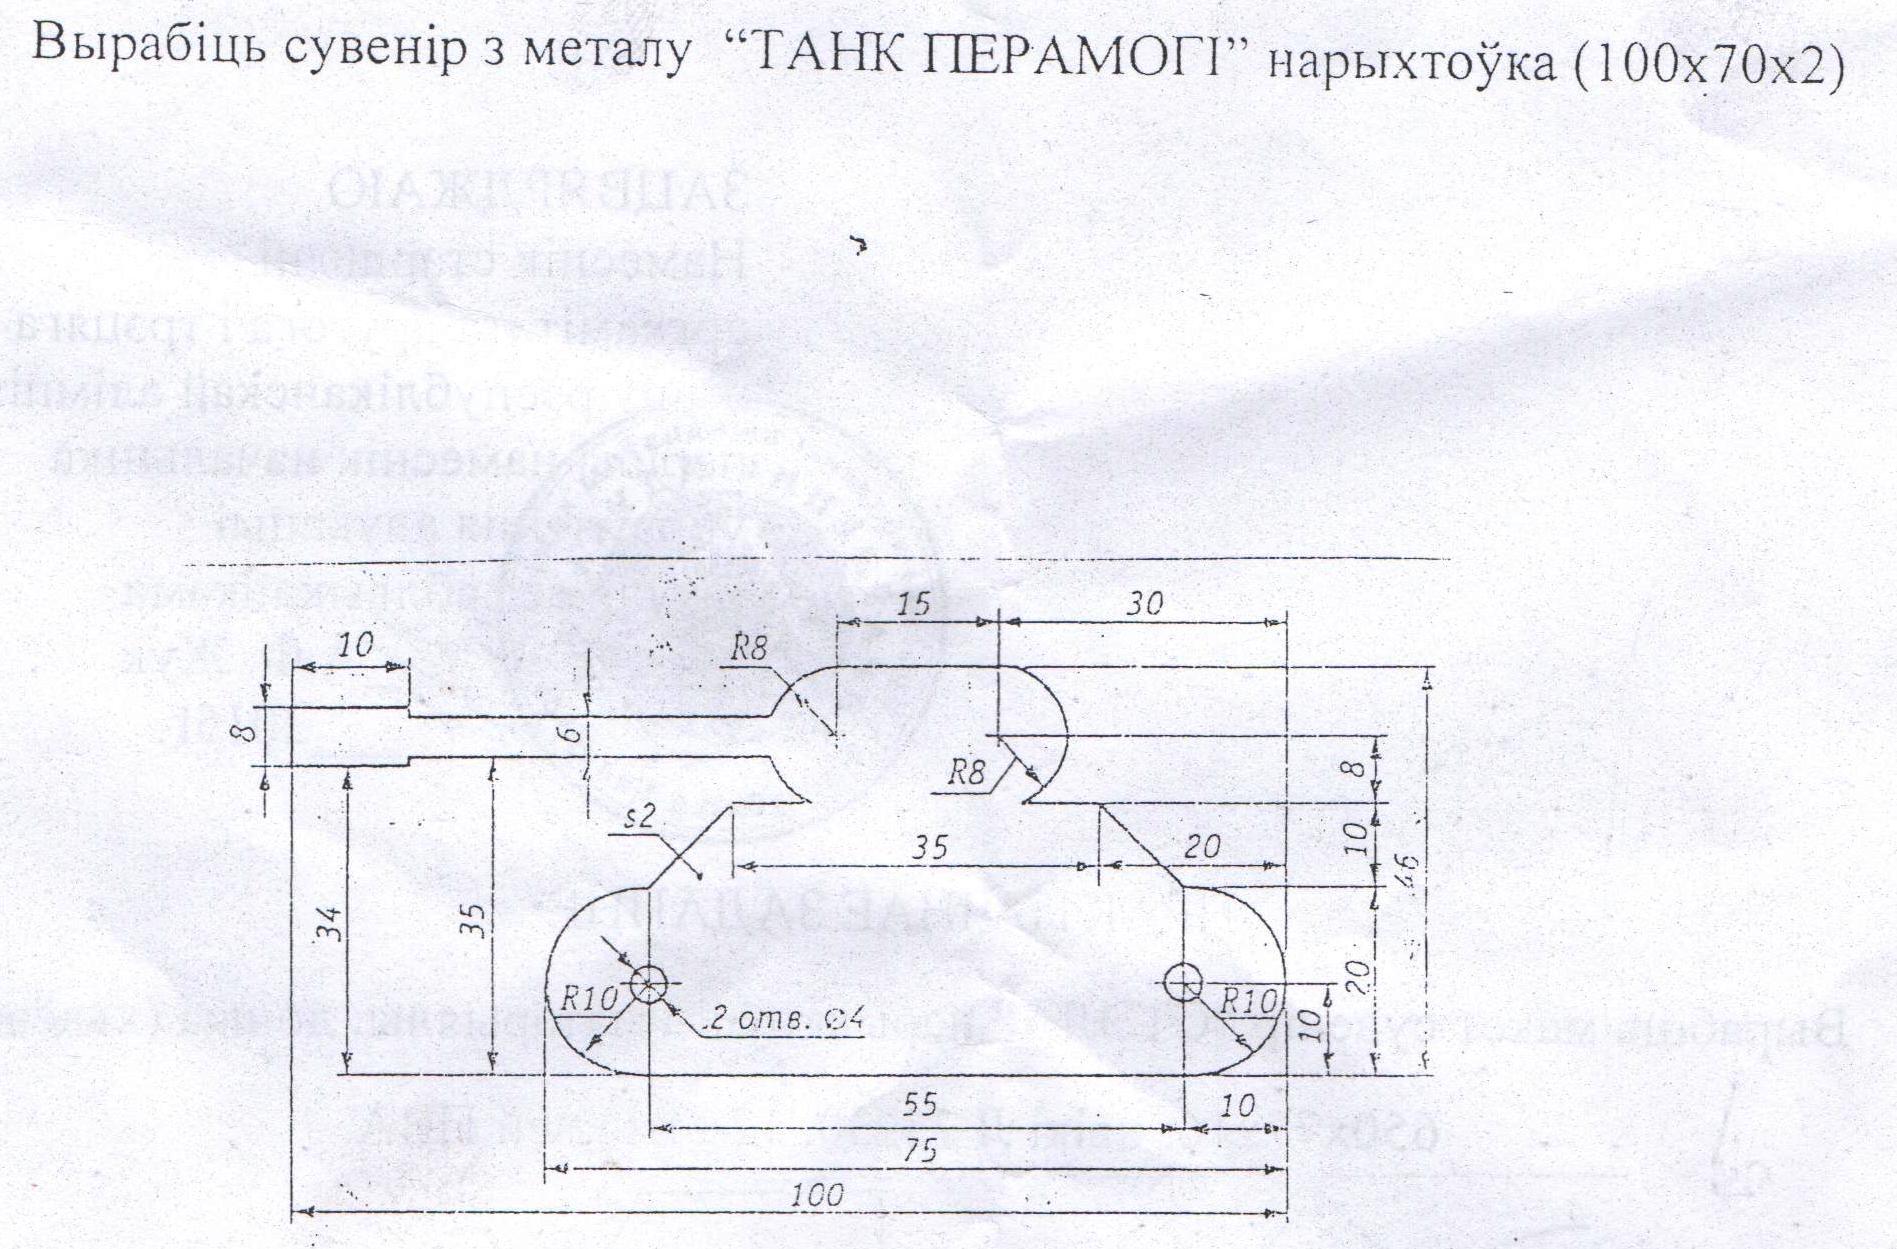 1022_56652de1a7807.jpg 1897X1249 px